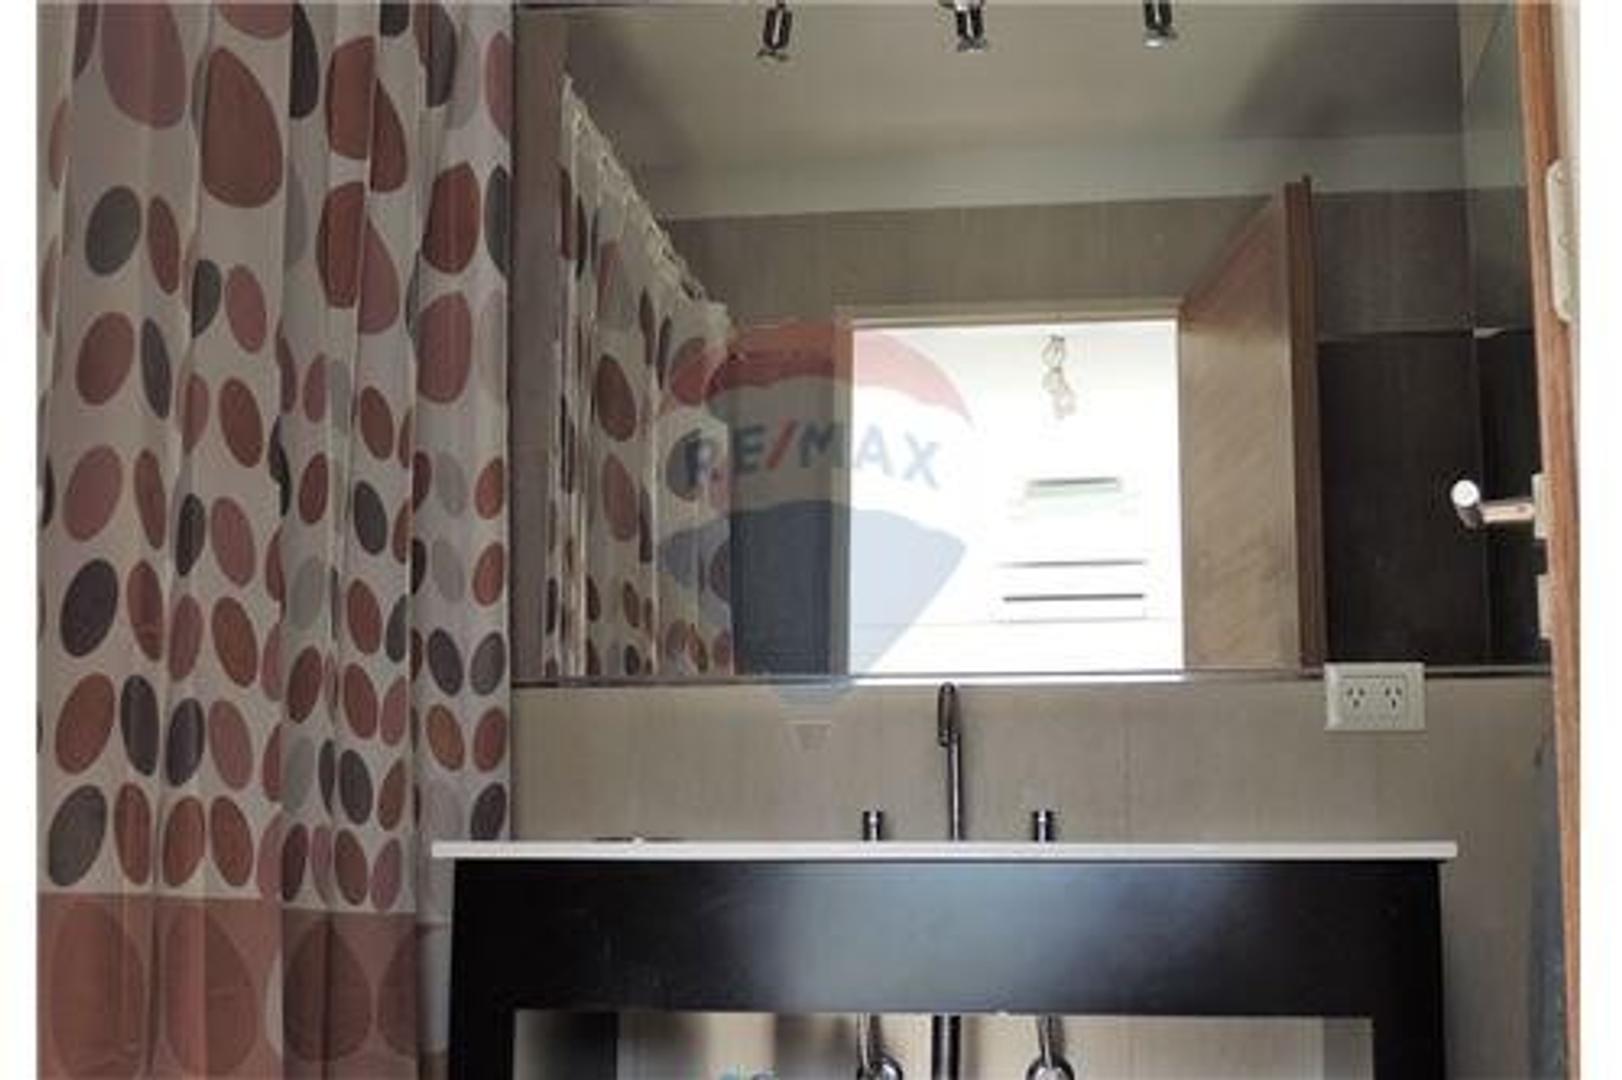 Departamento - 108 m² | 2 dormitorios | 4 años